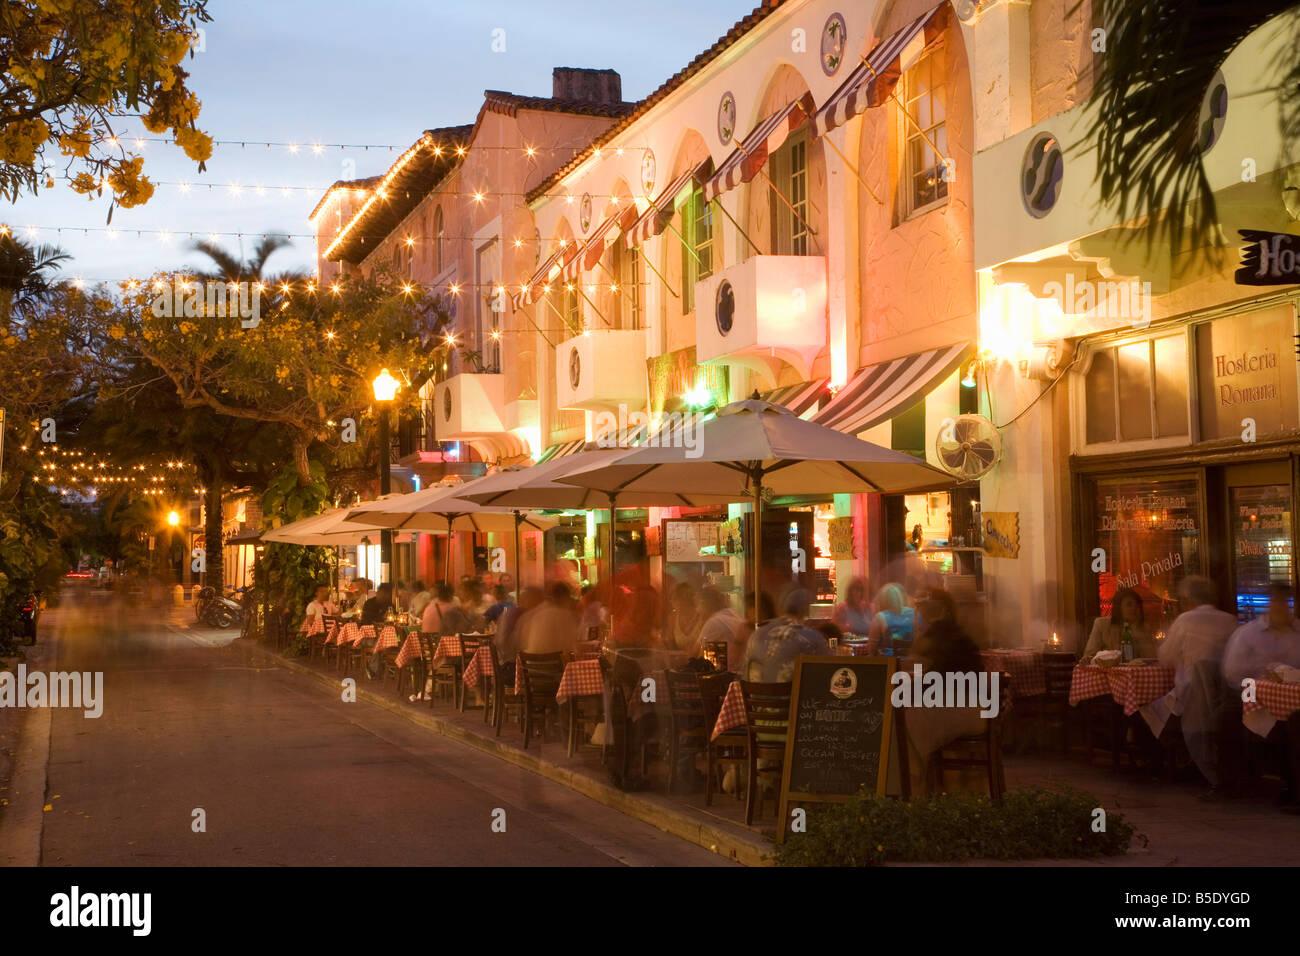 Espanola Way Miami Beach Florida